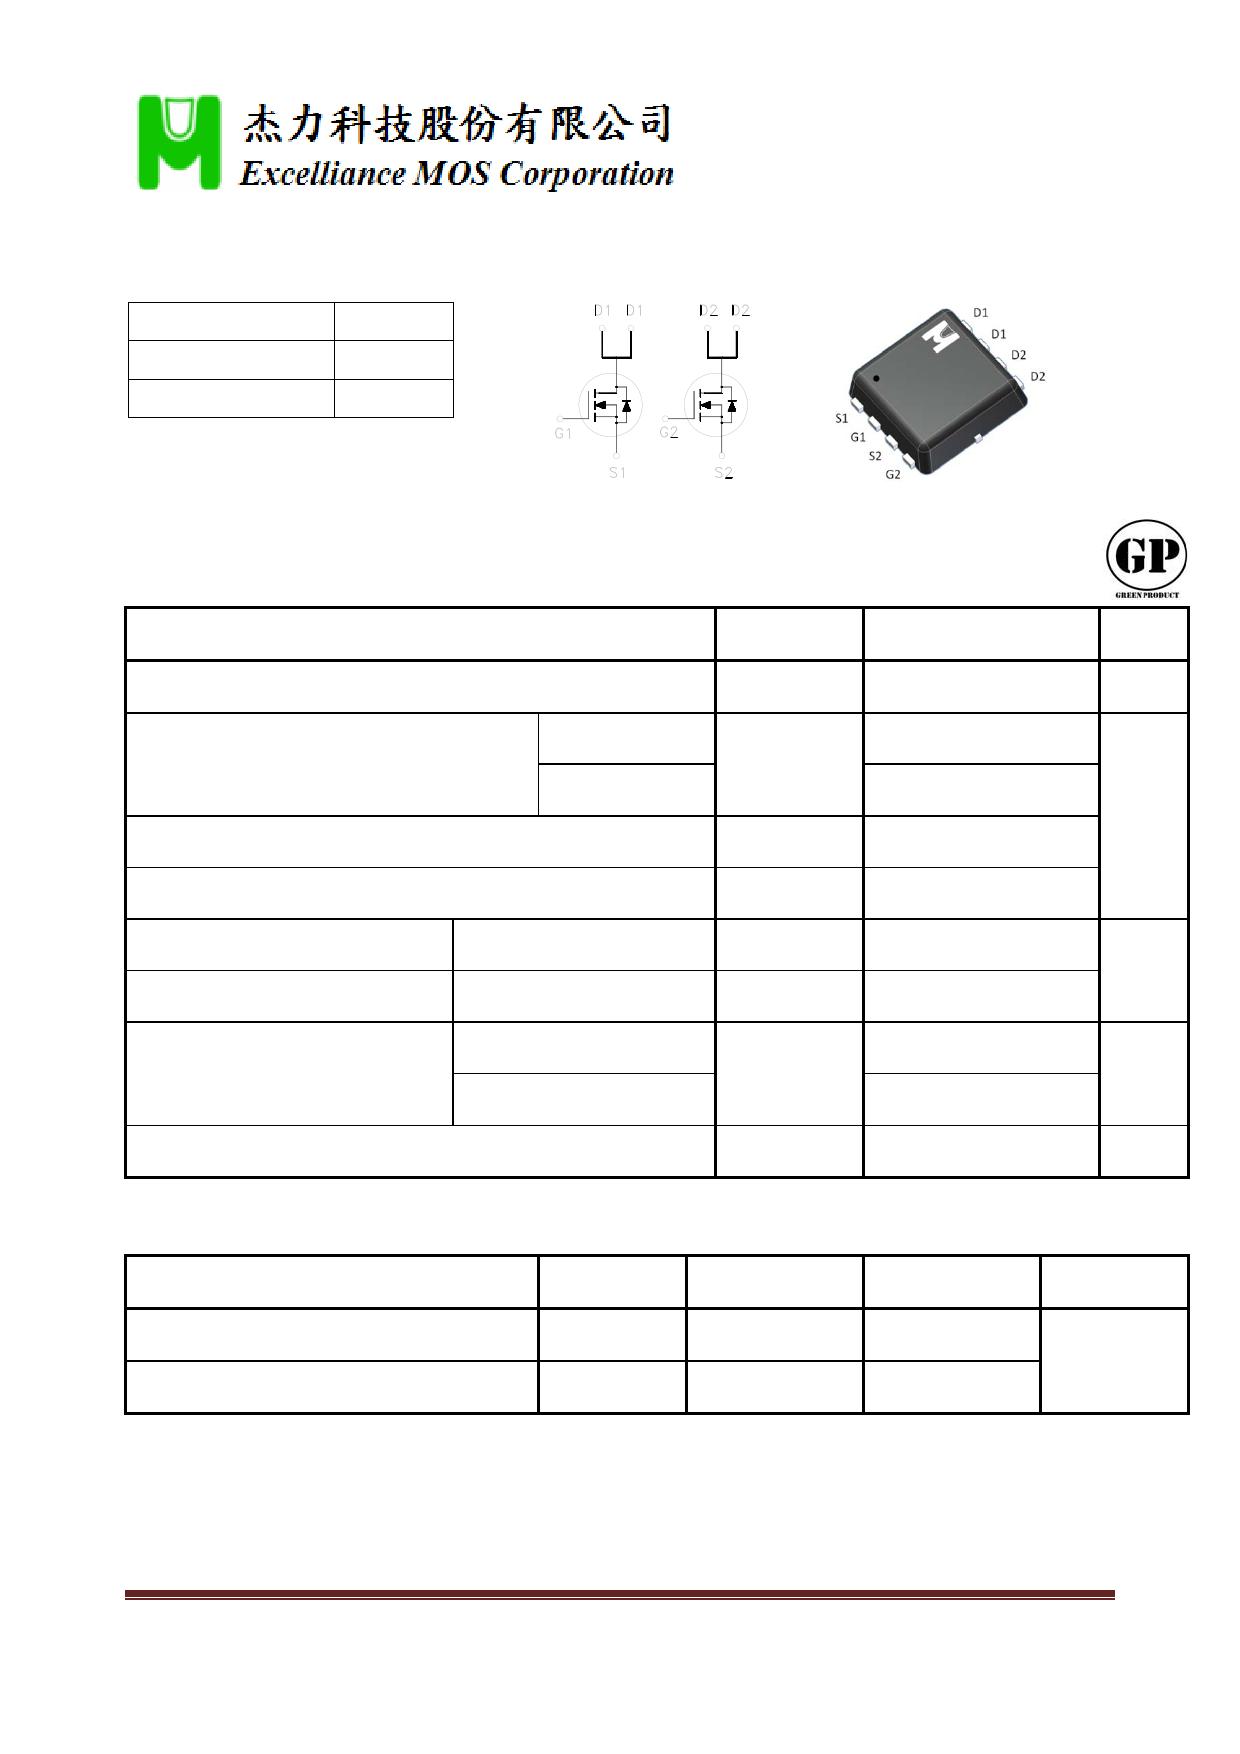 EMB17A03V دیتاشیت PDF